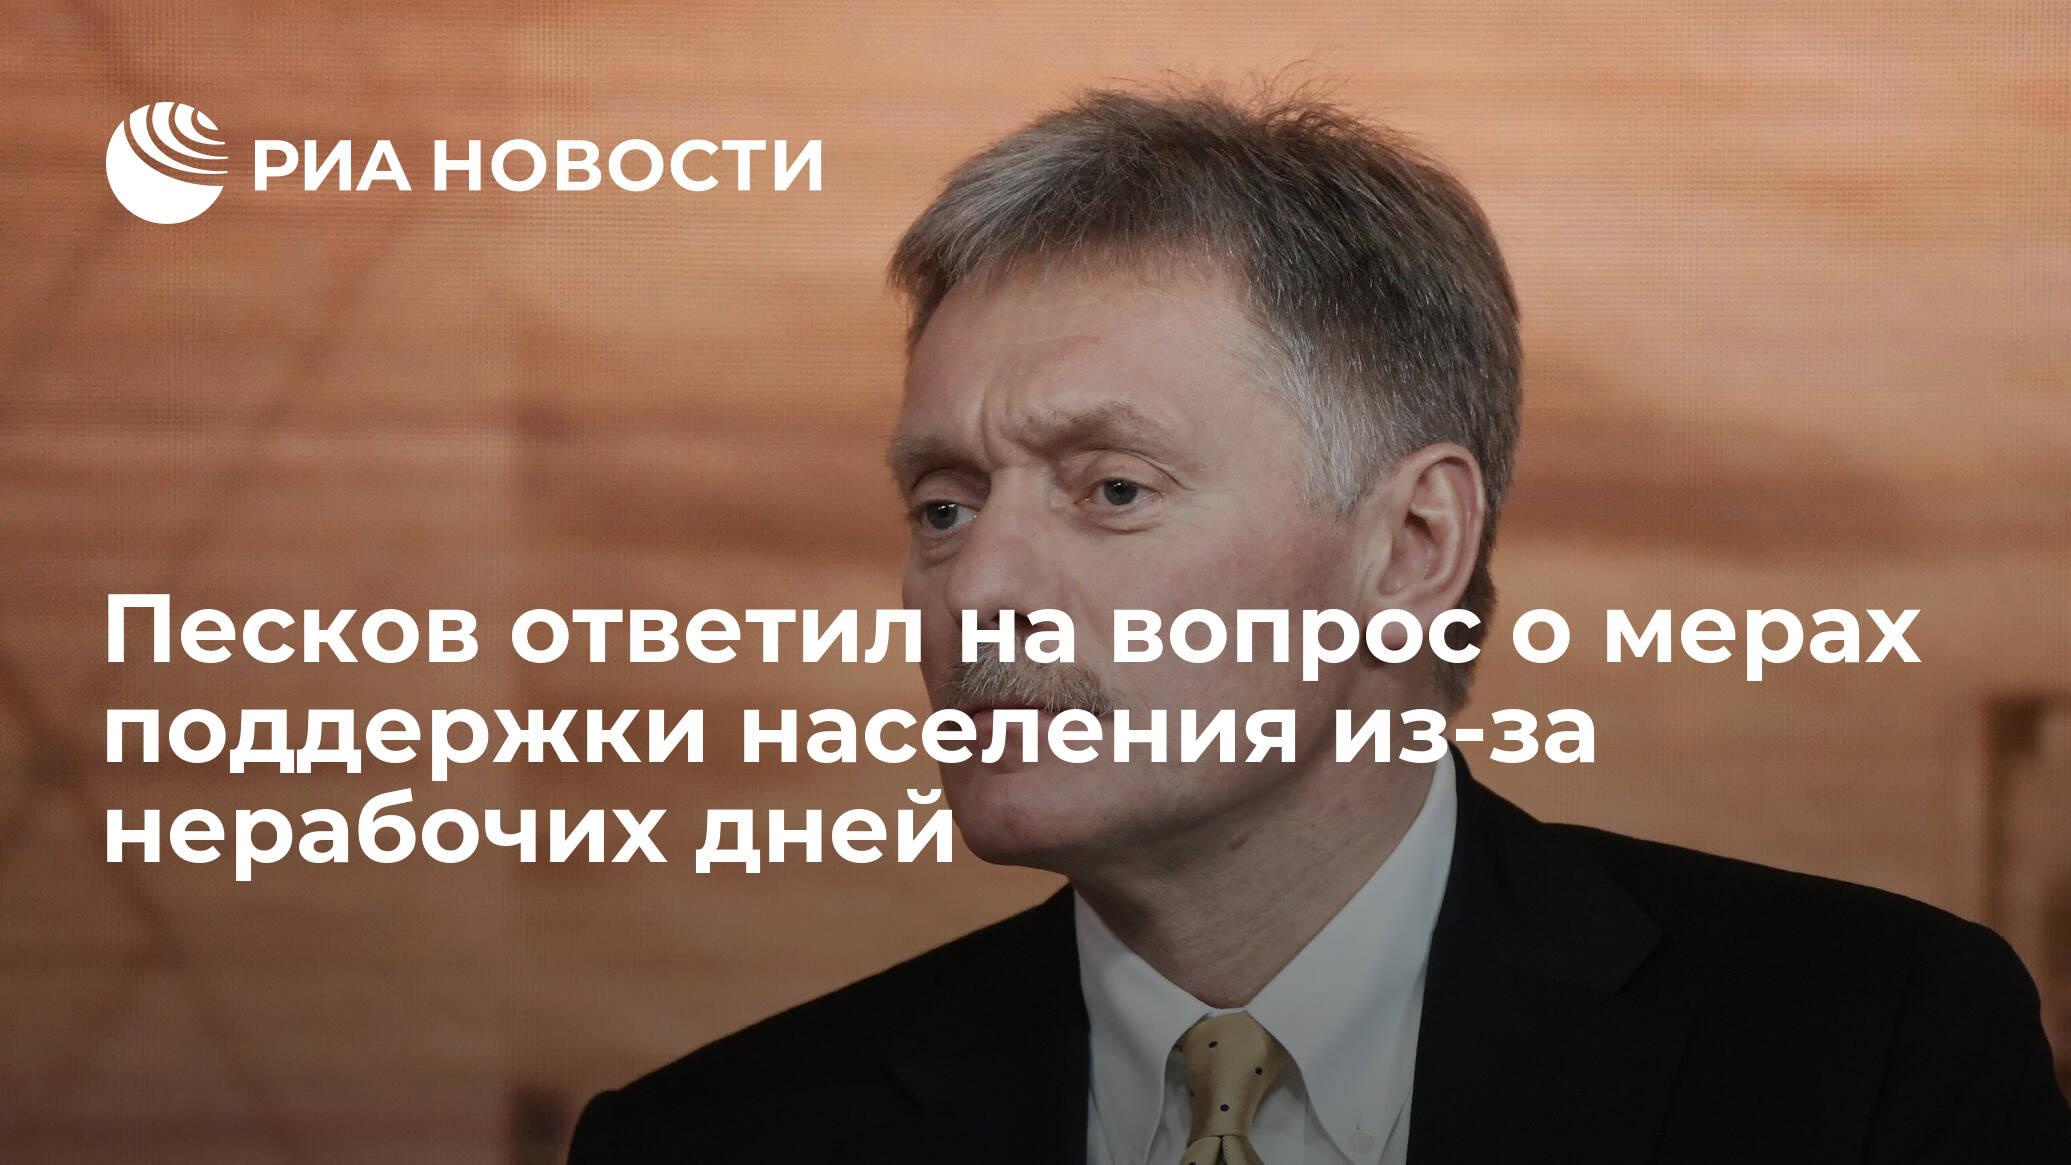 Песков ответил на вопрос о мерах поддержки населения из-за нерабочих дней